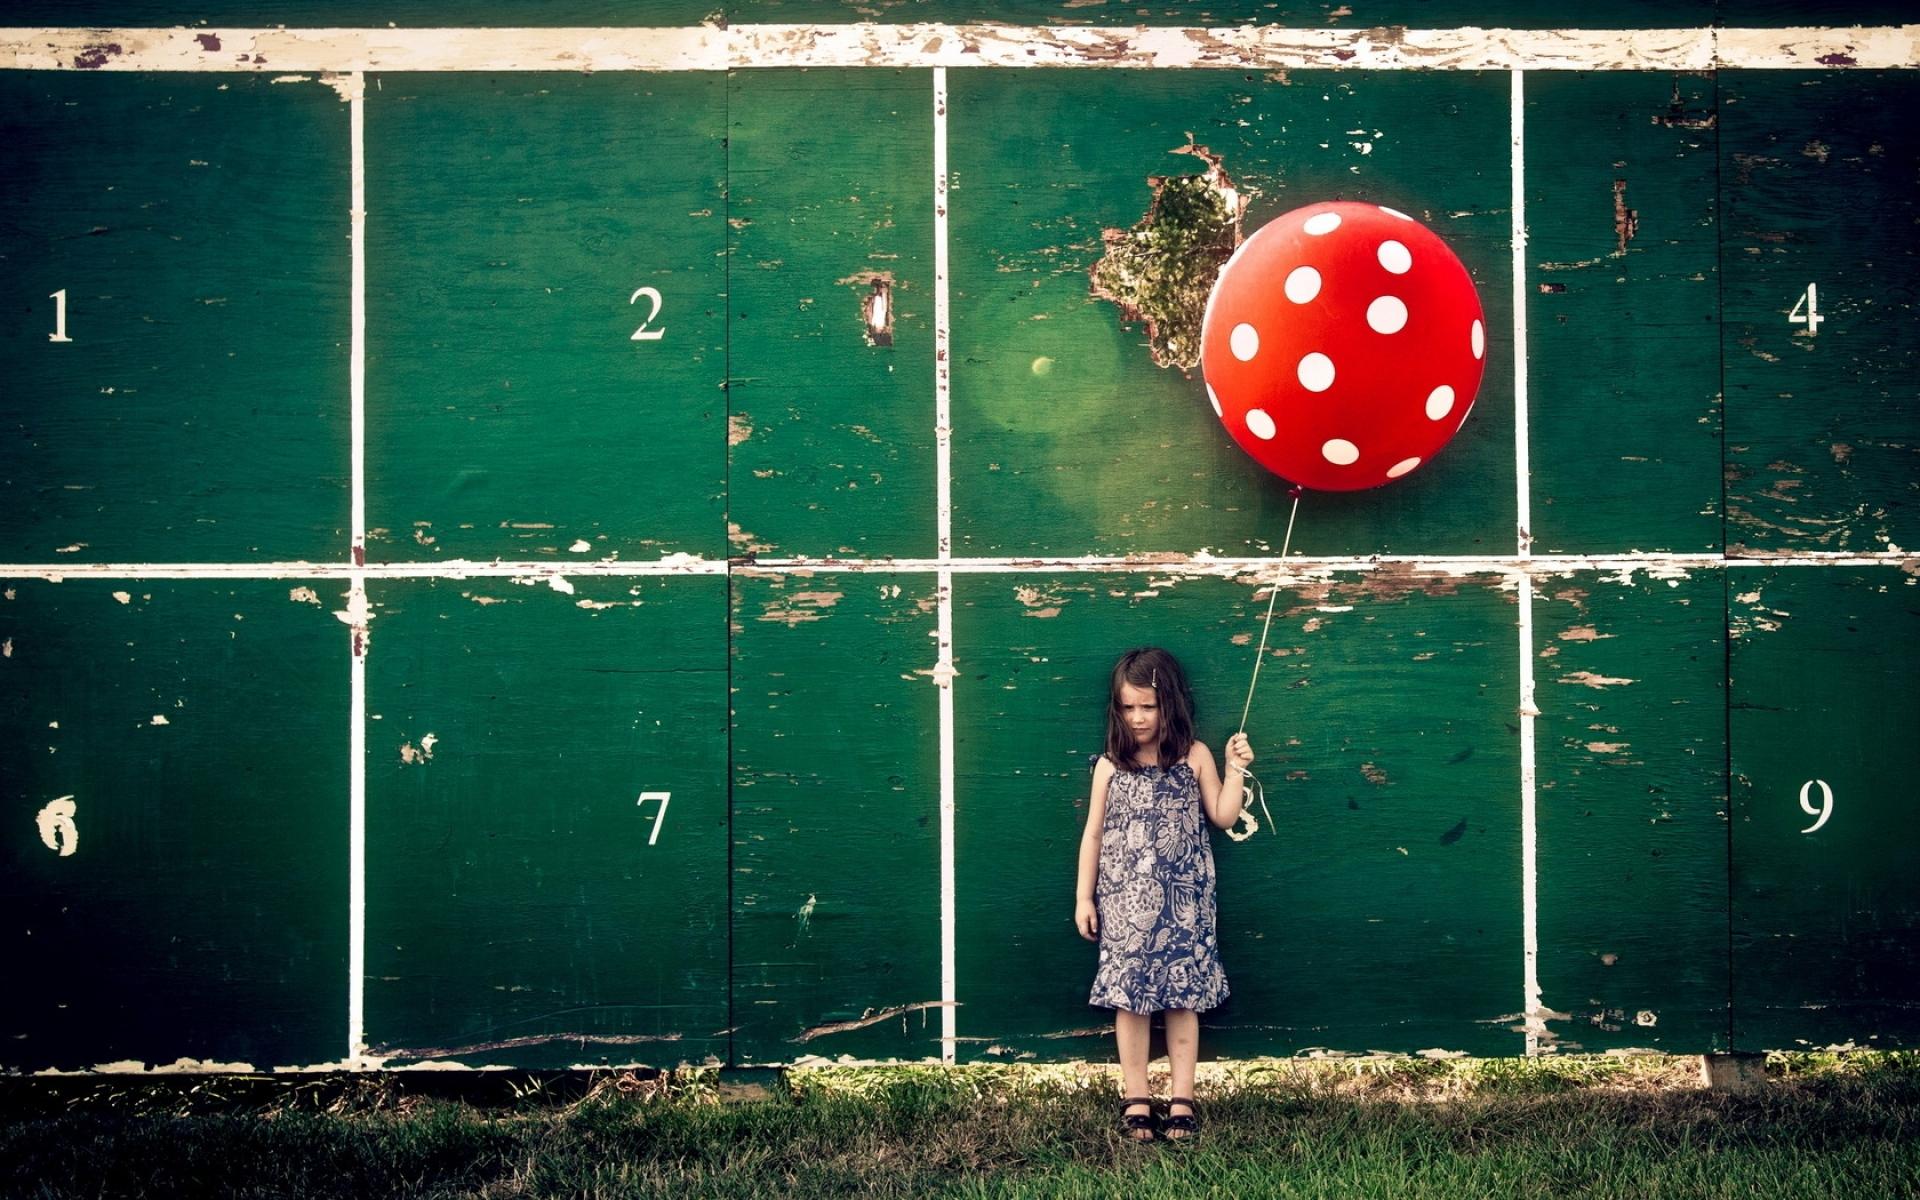 Картинки Маленькая девочка, мяч, стена фото и обои на рабочий стол